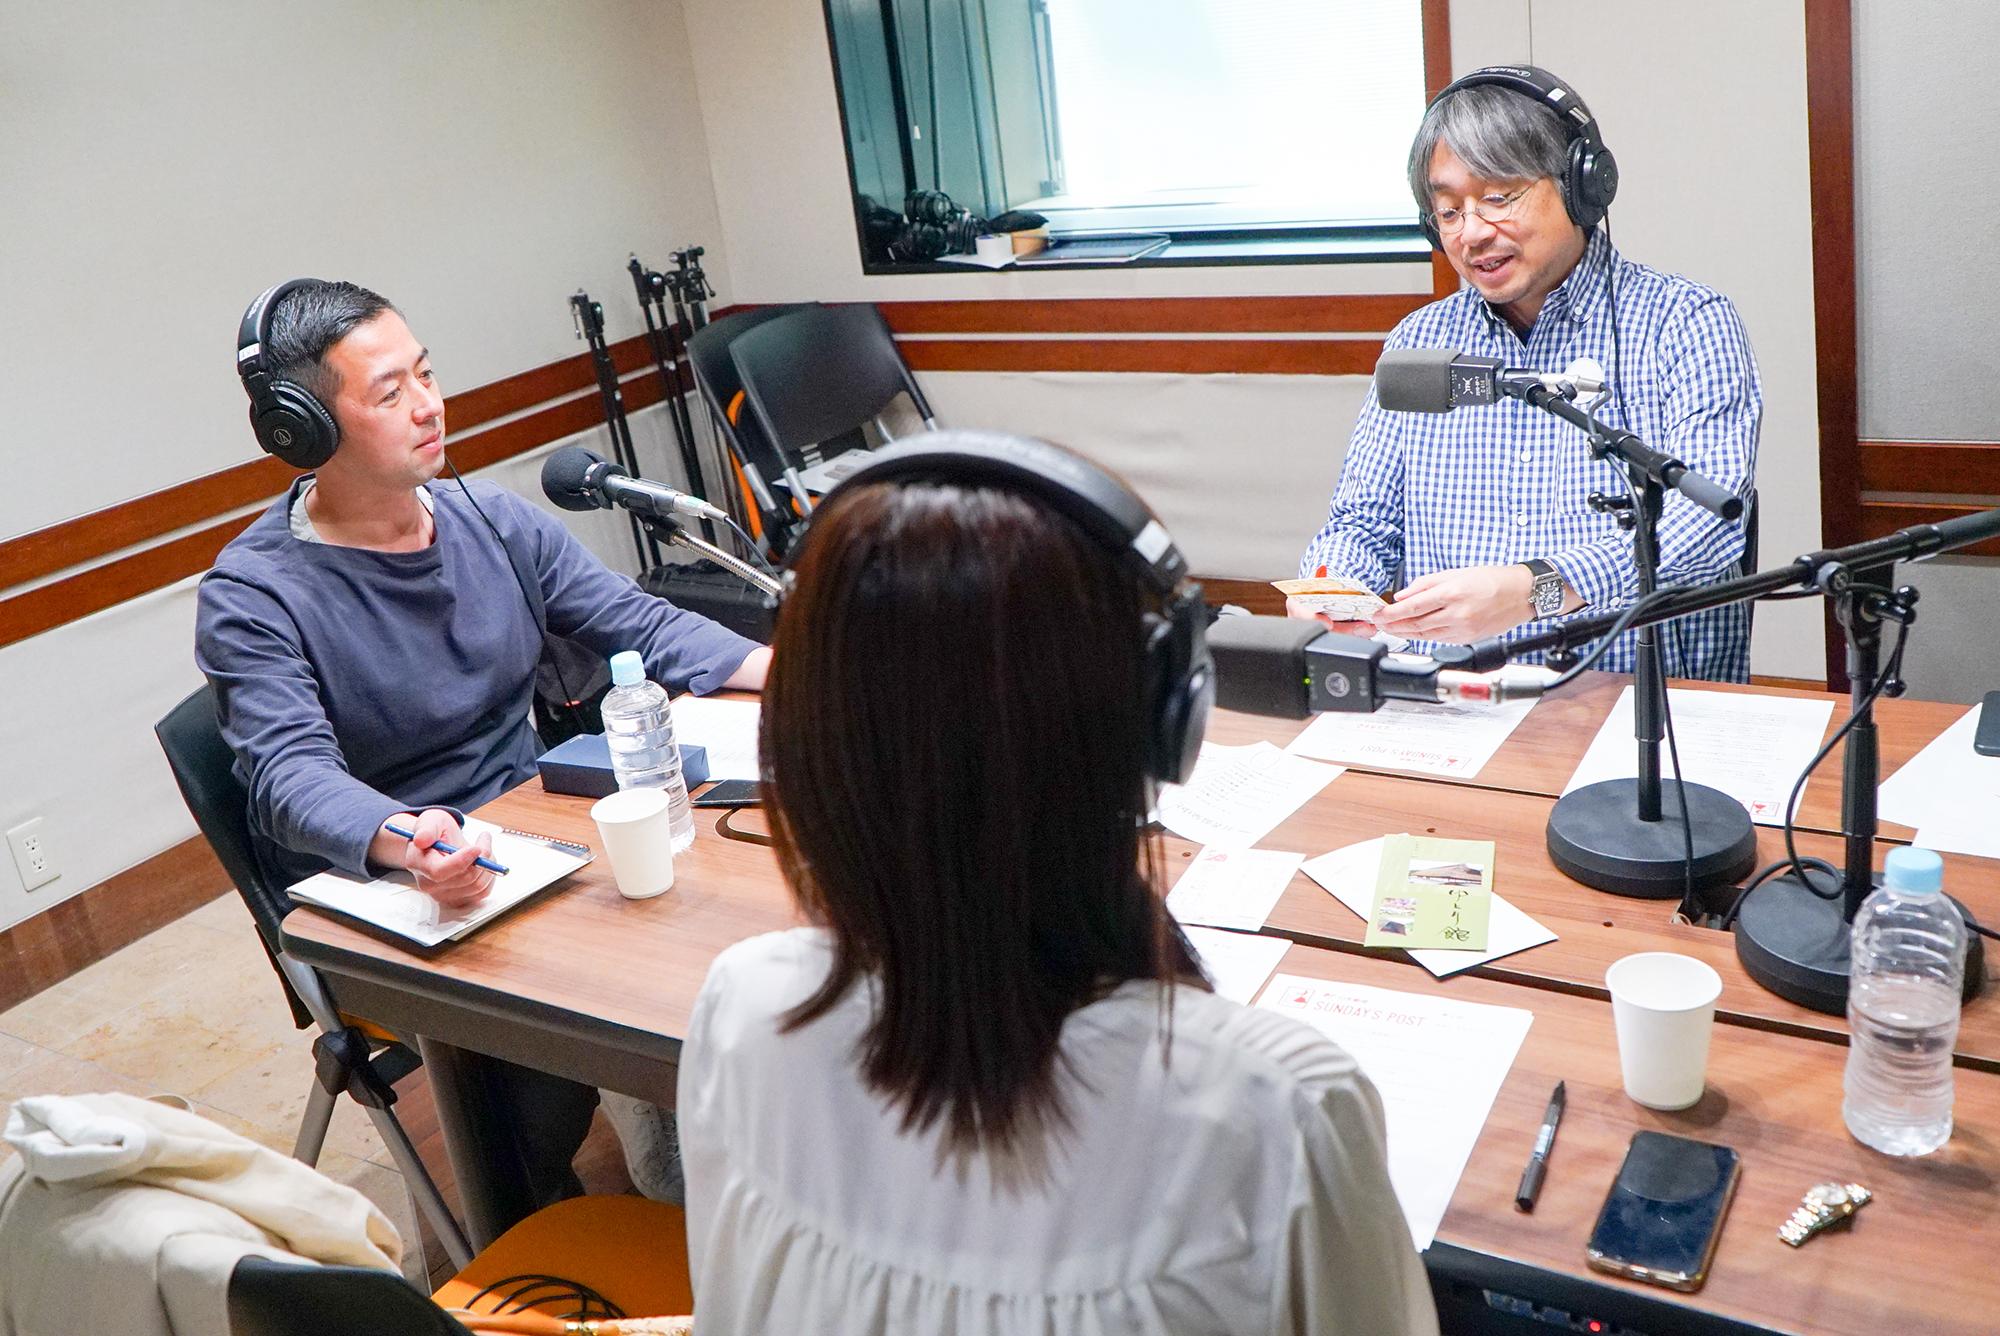 写真は収録の様子。SUNDAY'S POST ラジオパーソナリティの小山薫堂さん、宇賀なつみさんとカキモリ代表広瀬。